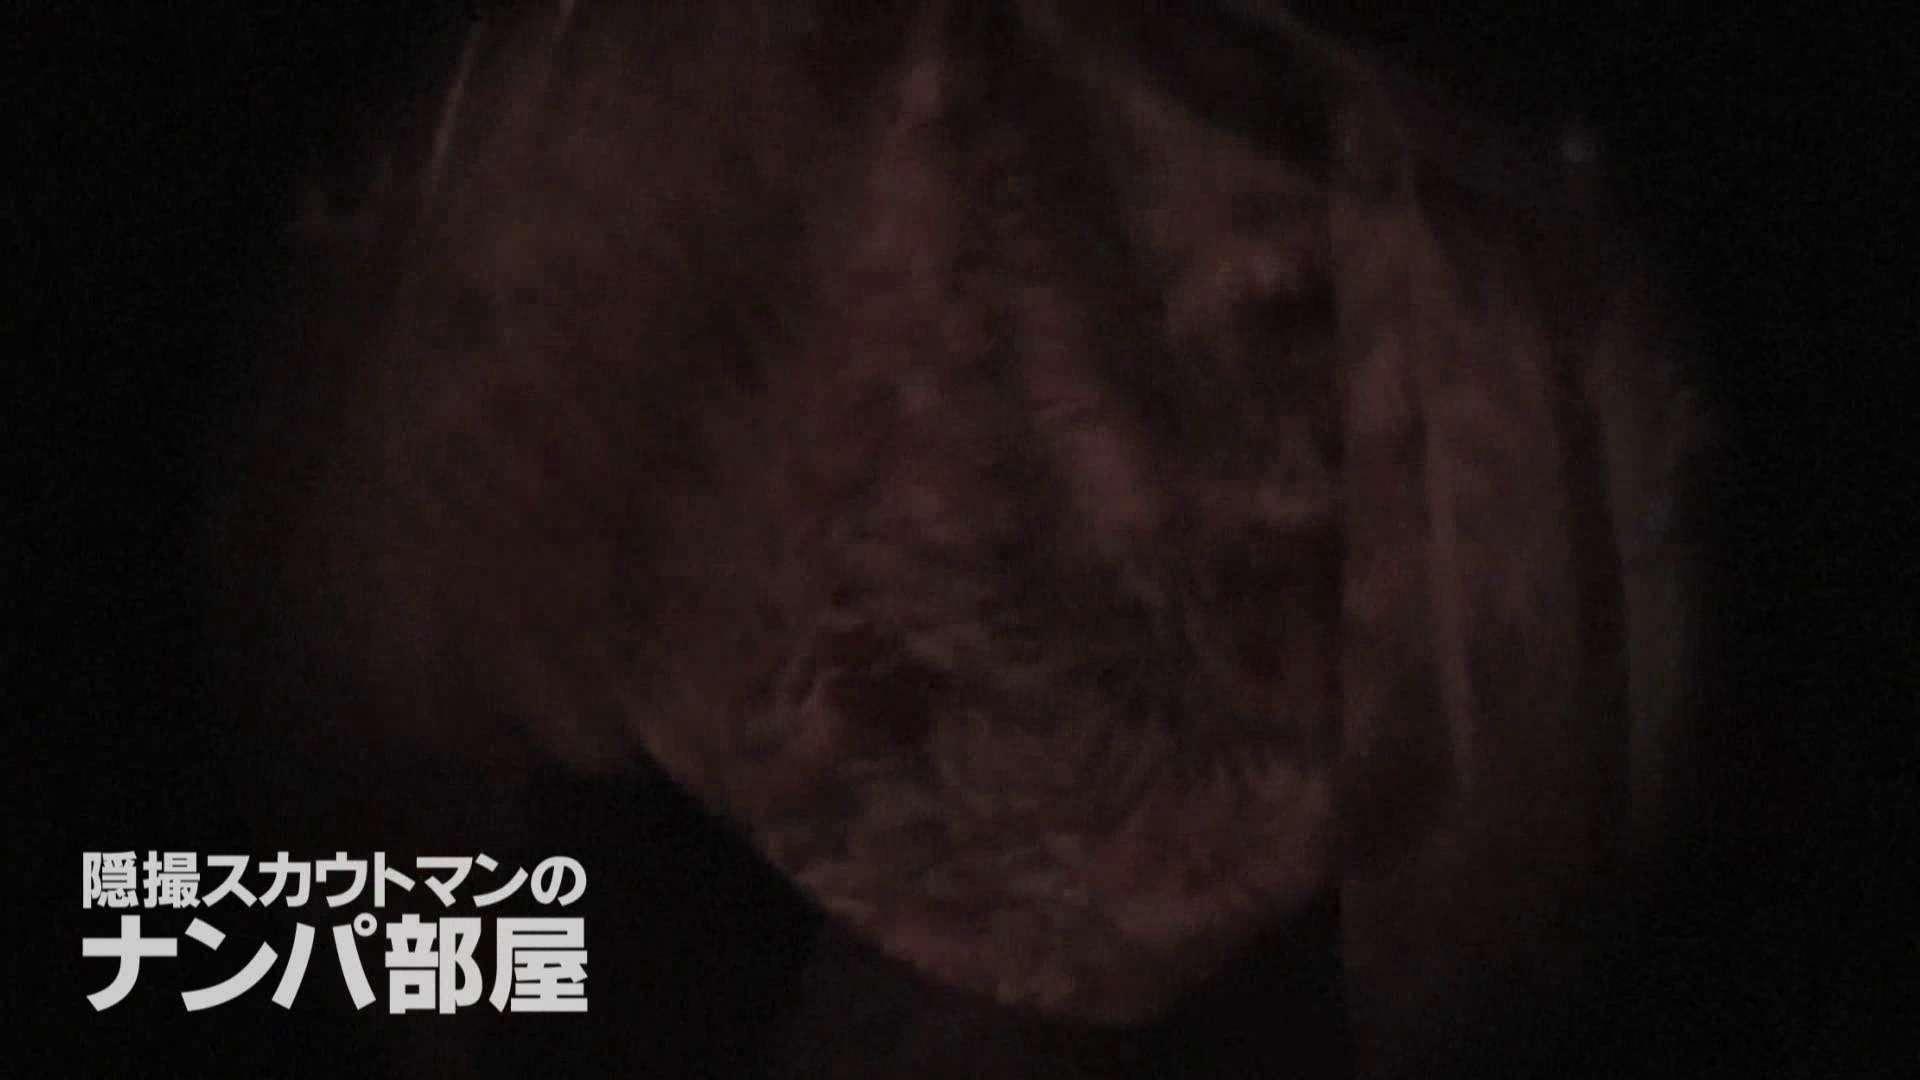 隠撮スカウトマンのナンパ部屋~風俗デビュー前のつまみ食い~ sii 隠撮   ナンパ  98pic 40